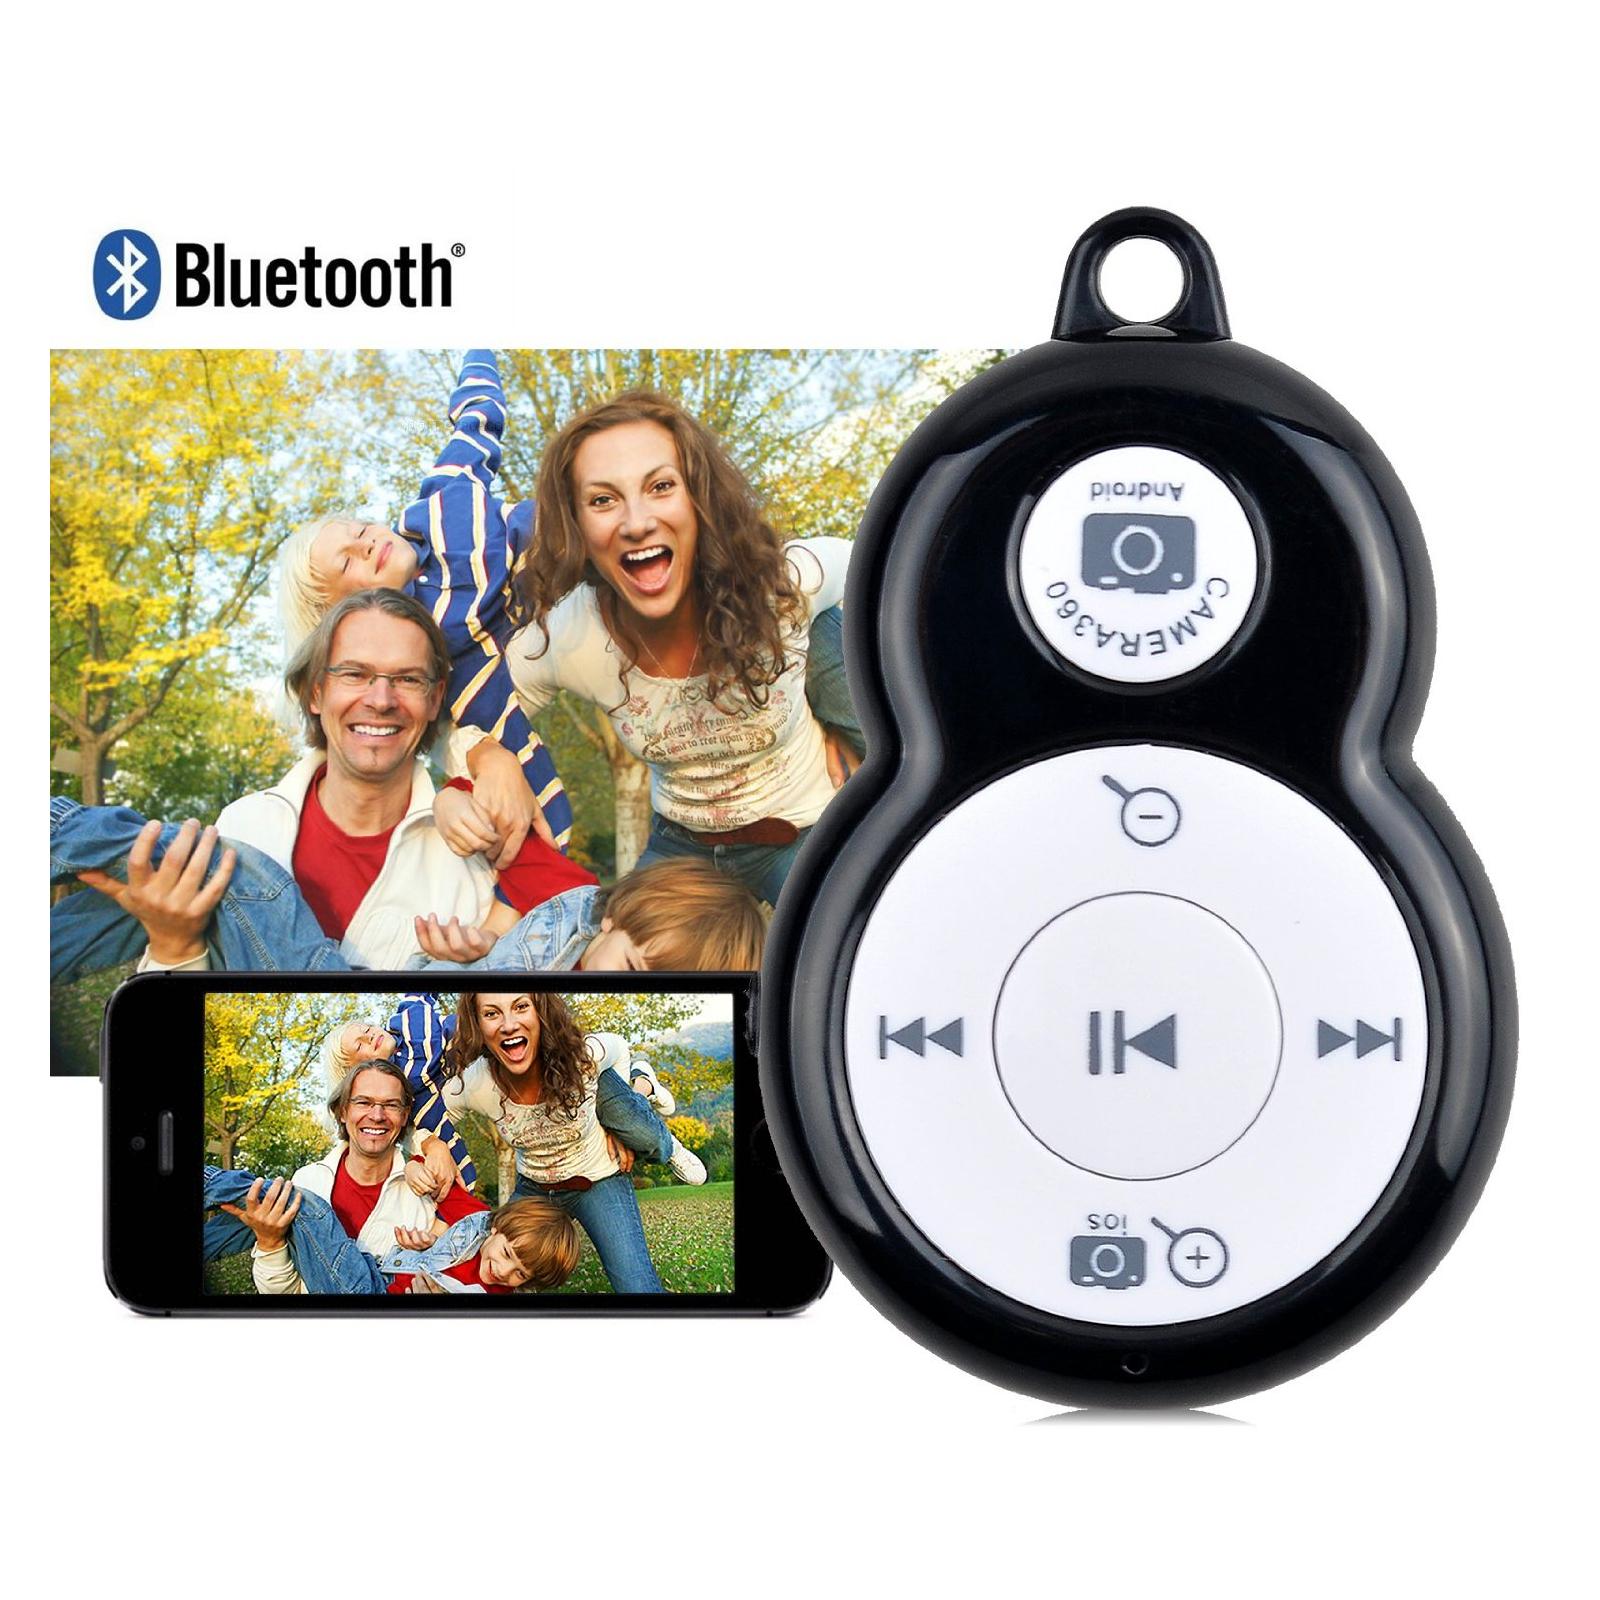 Пульт ДУ для фото- видеокамер Yunteng Bluetooth (Selfi + Music Remote Shutter) (37541) изображение 4